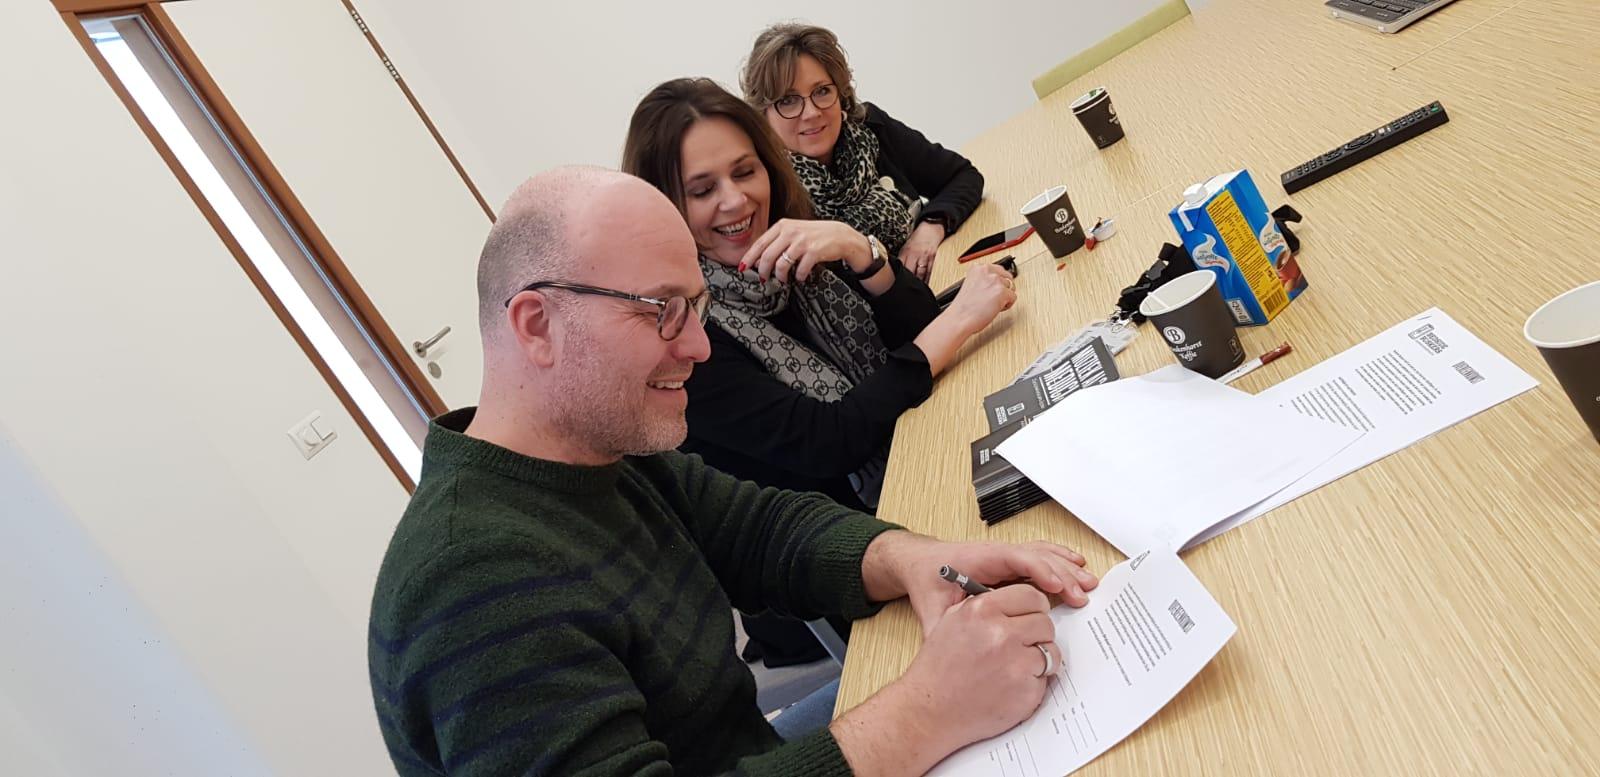 Oprichter Peter Kortleve tekent de overeenkomst (richtlijnen). Naast hem Macha Klomp van Buro voor Muziek.